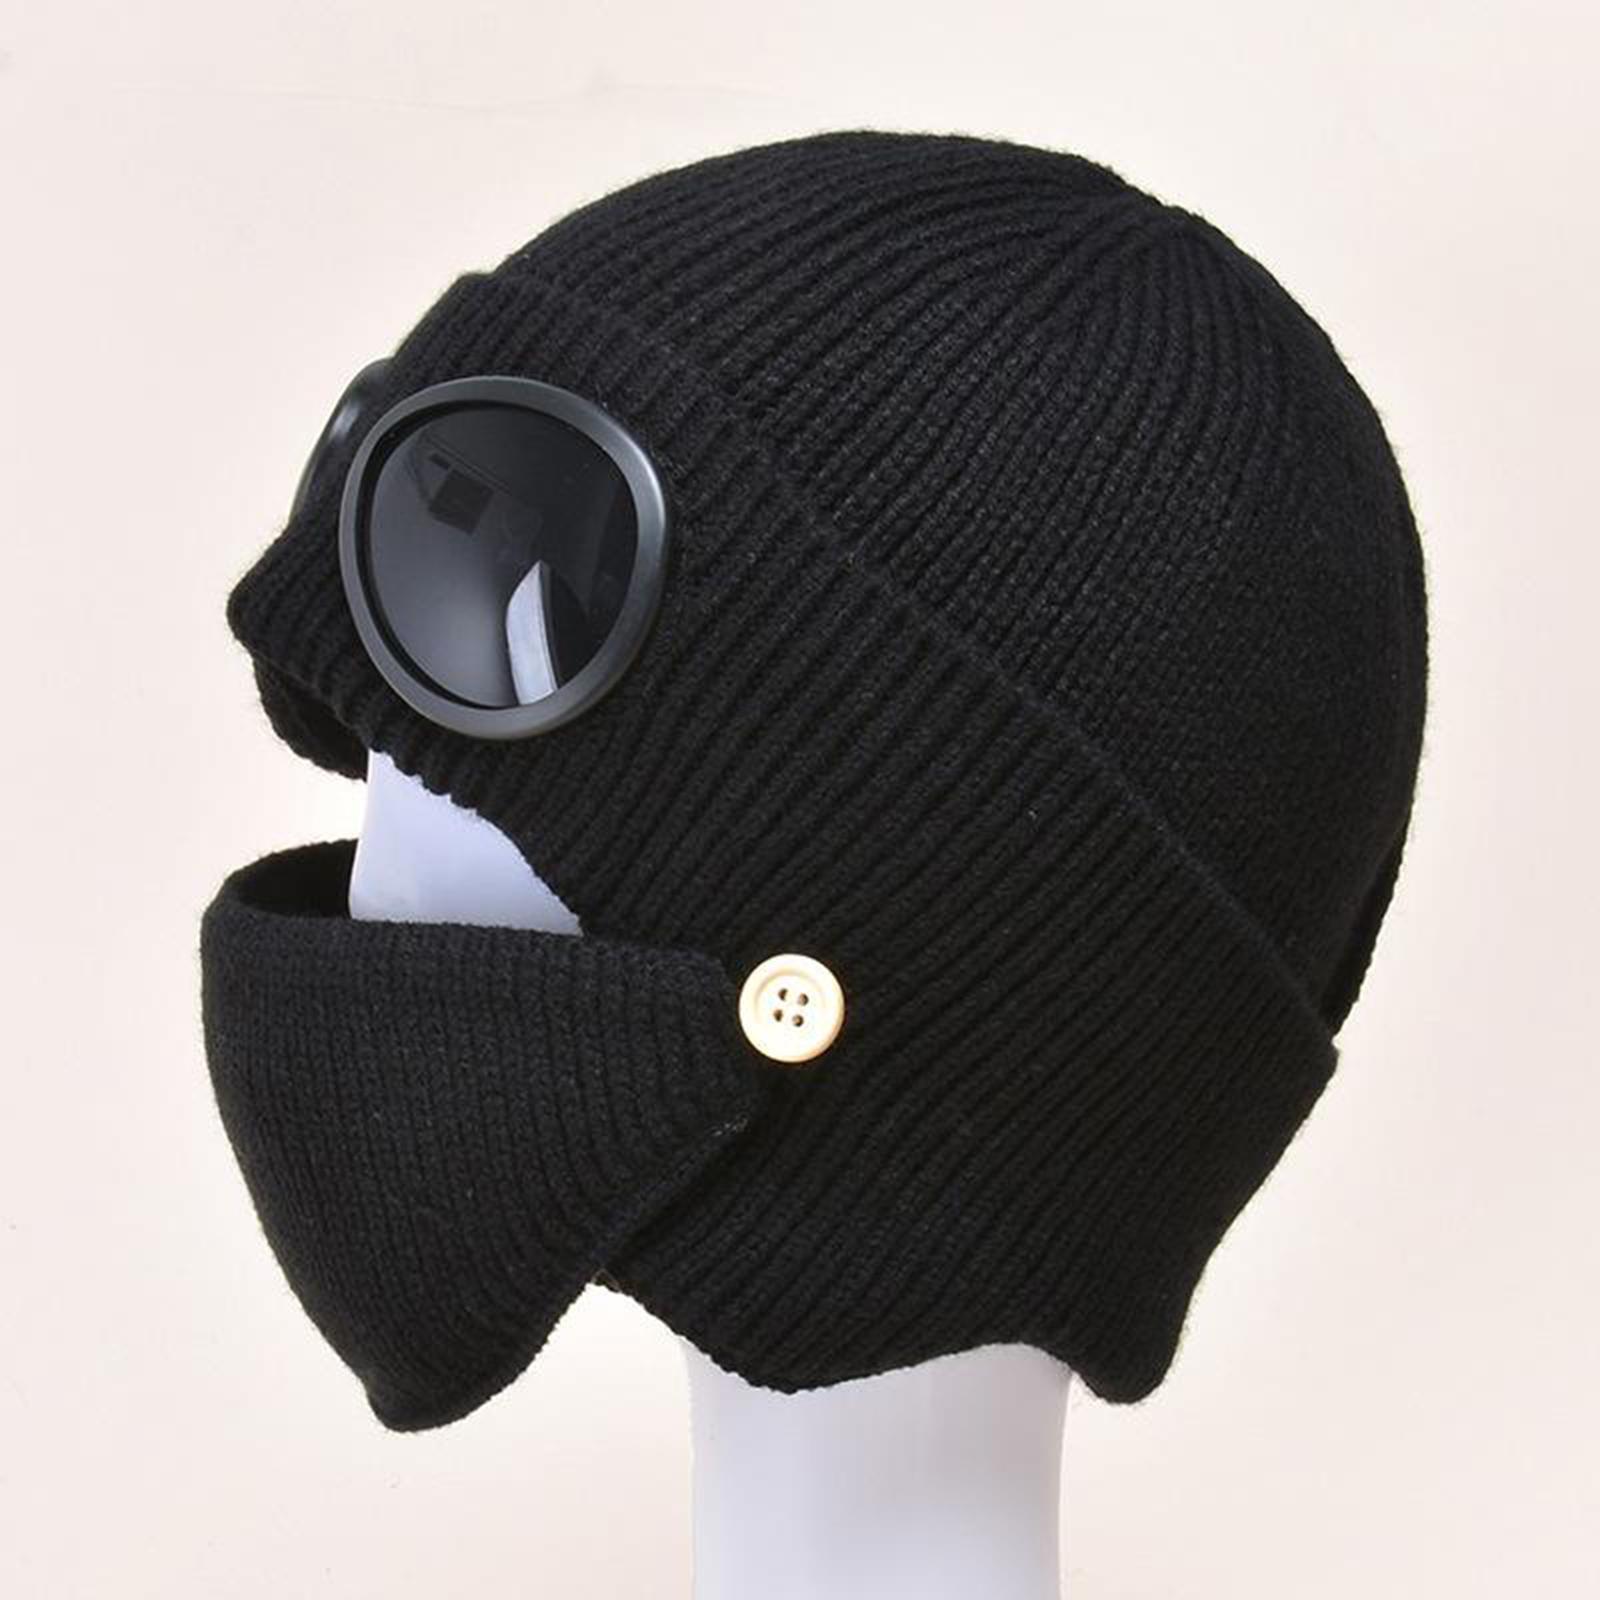 miniature 11 - Masque de tête de visage hiver bonnet chaud avec lunettes casquette d'oreille